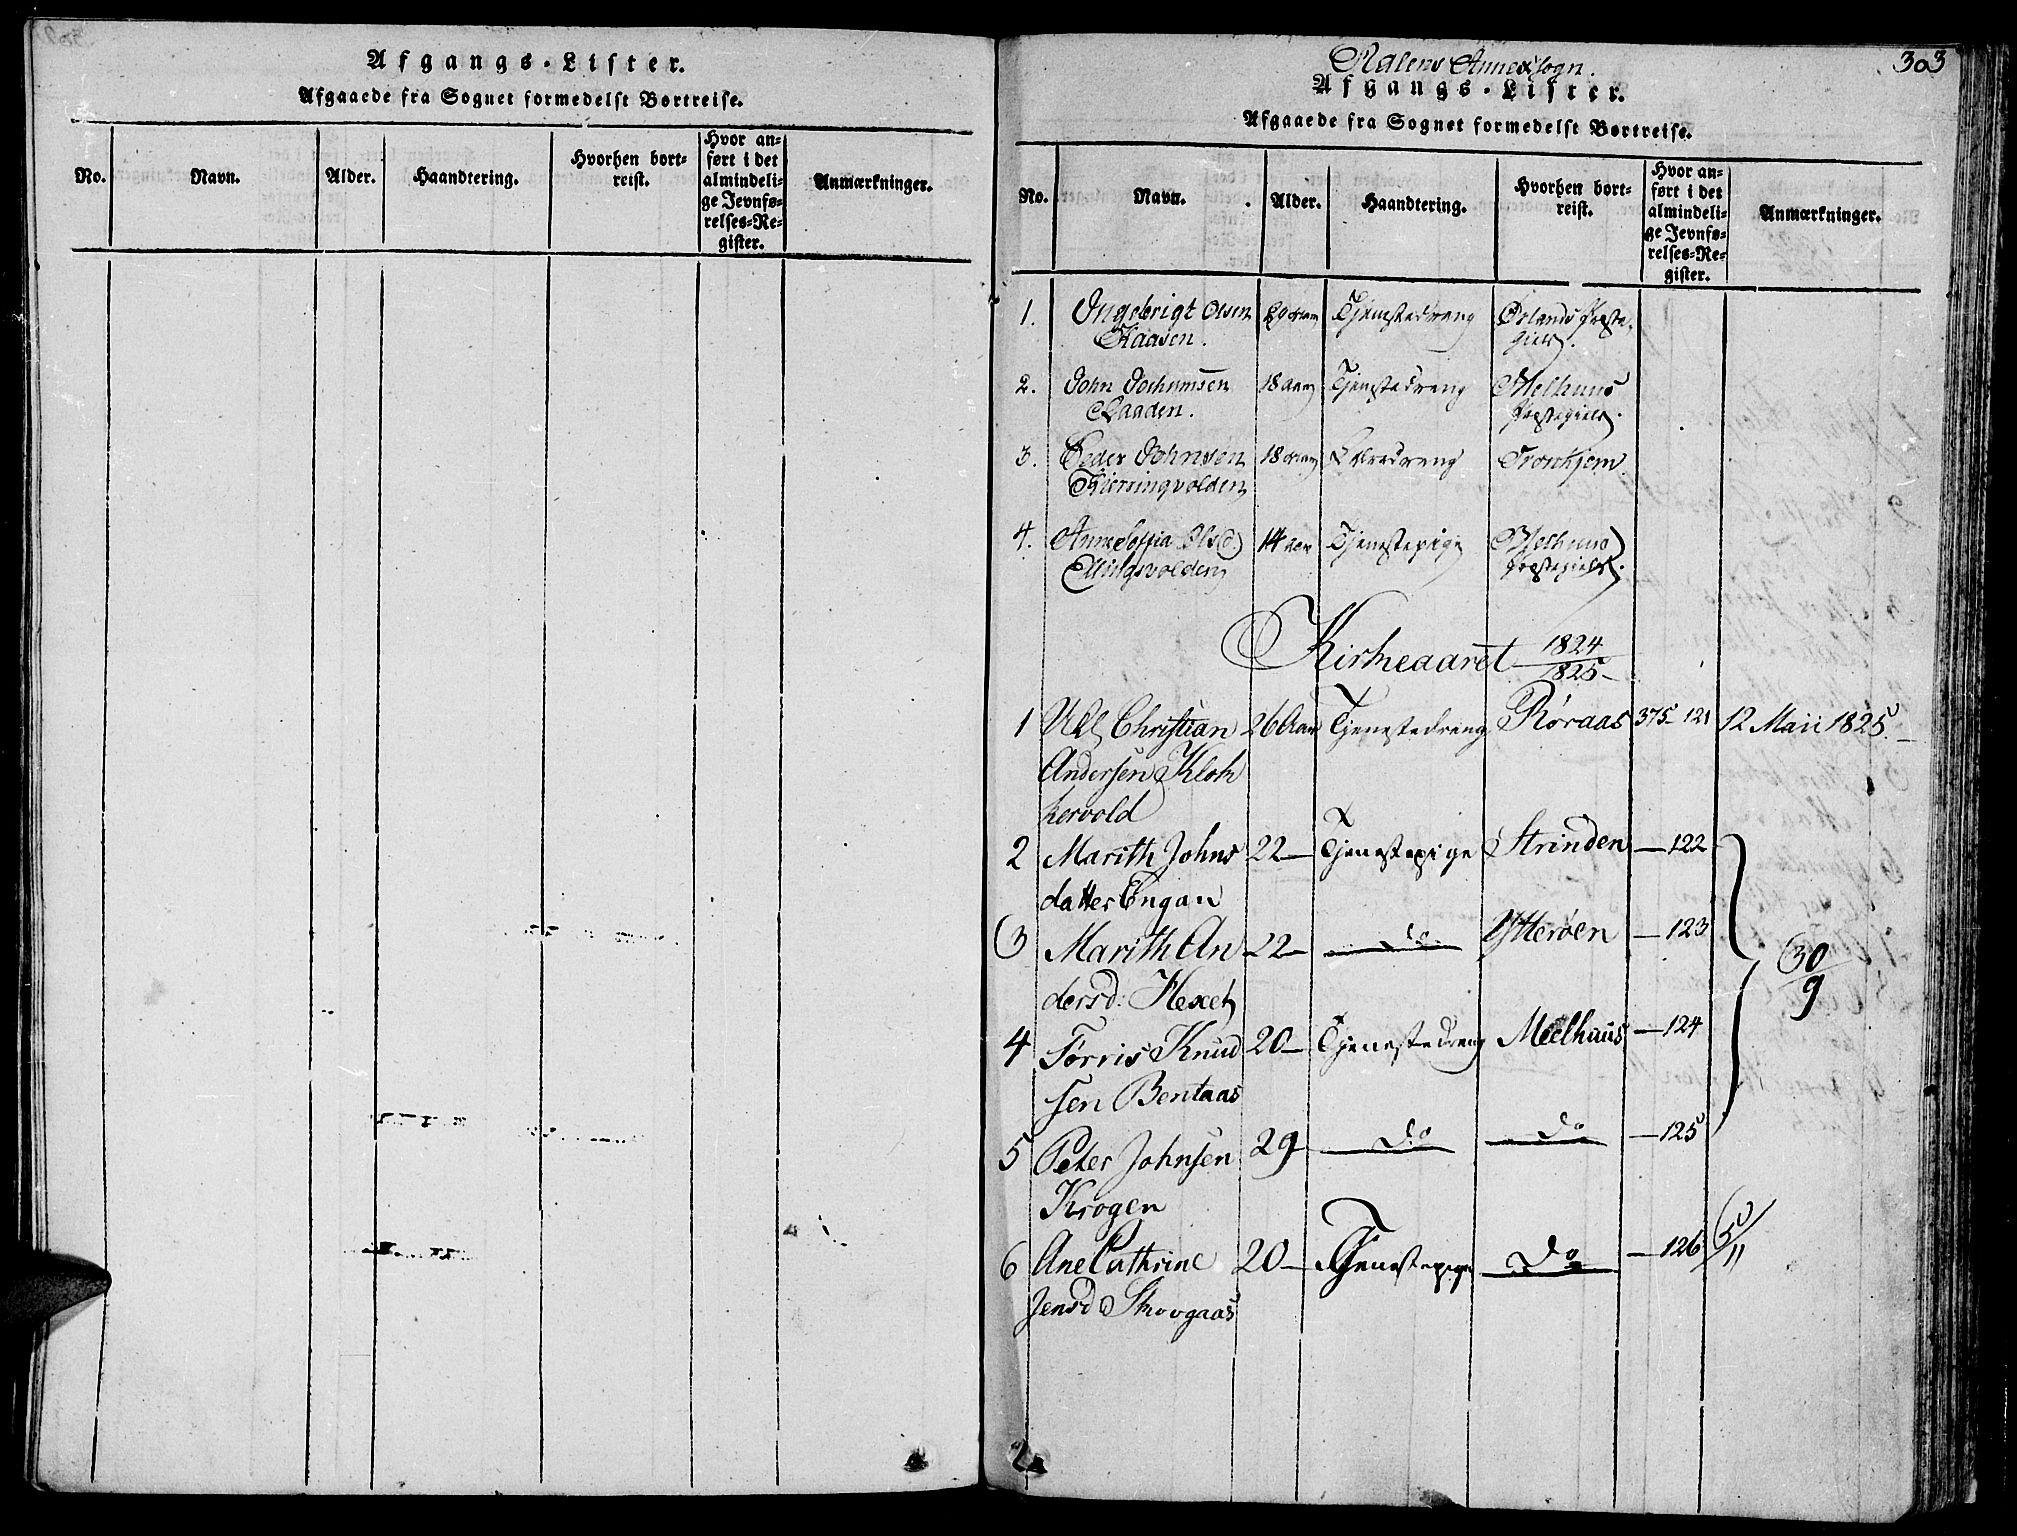 SAT, Ministerialprotokoller, klokkerbøker og fødselsregistre - Sør-Trøndelag, 685/L0956: Ministerialbok nr. 685A03 /3, 1817-1829, s. 303